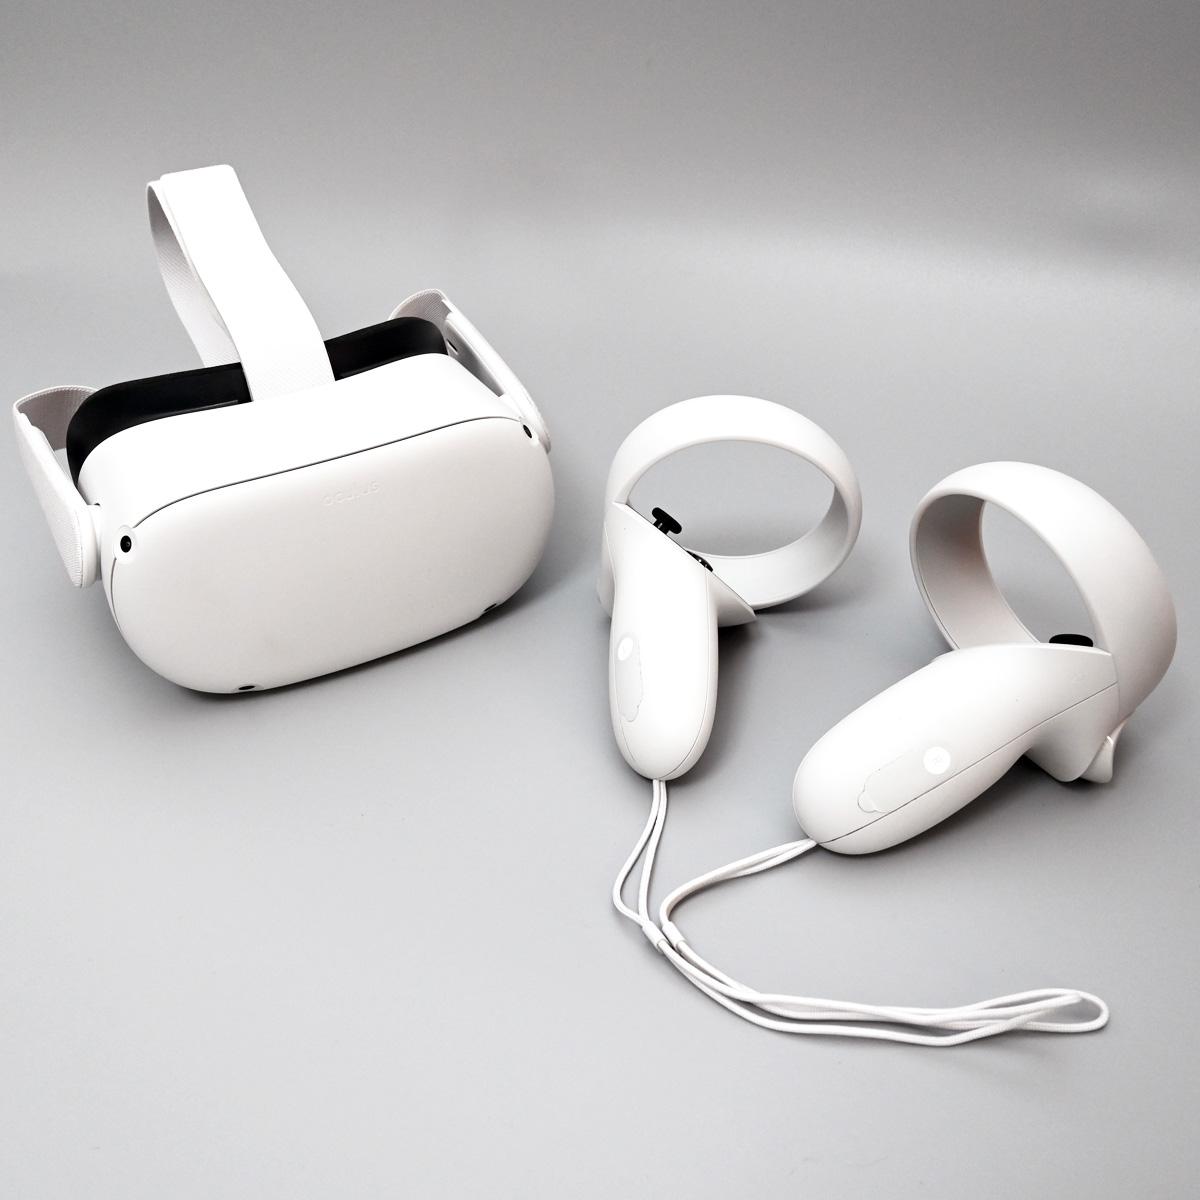 性能アップで価格はダウン! 33,800円から買えるゲーム向けVRヘッドセット「Oculus Quest 2」